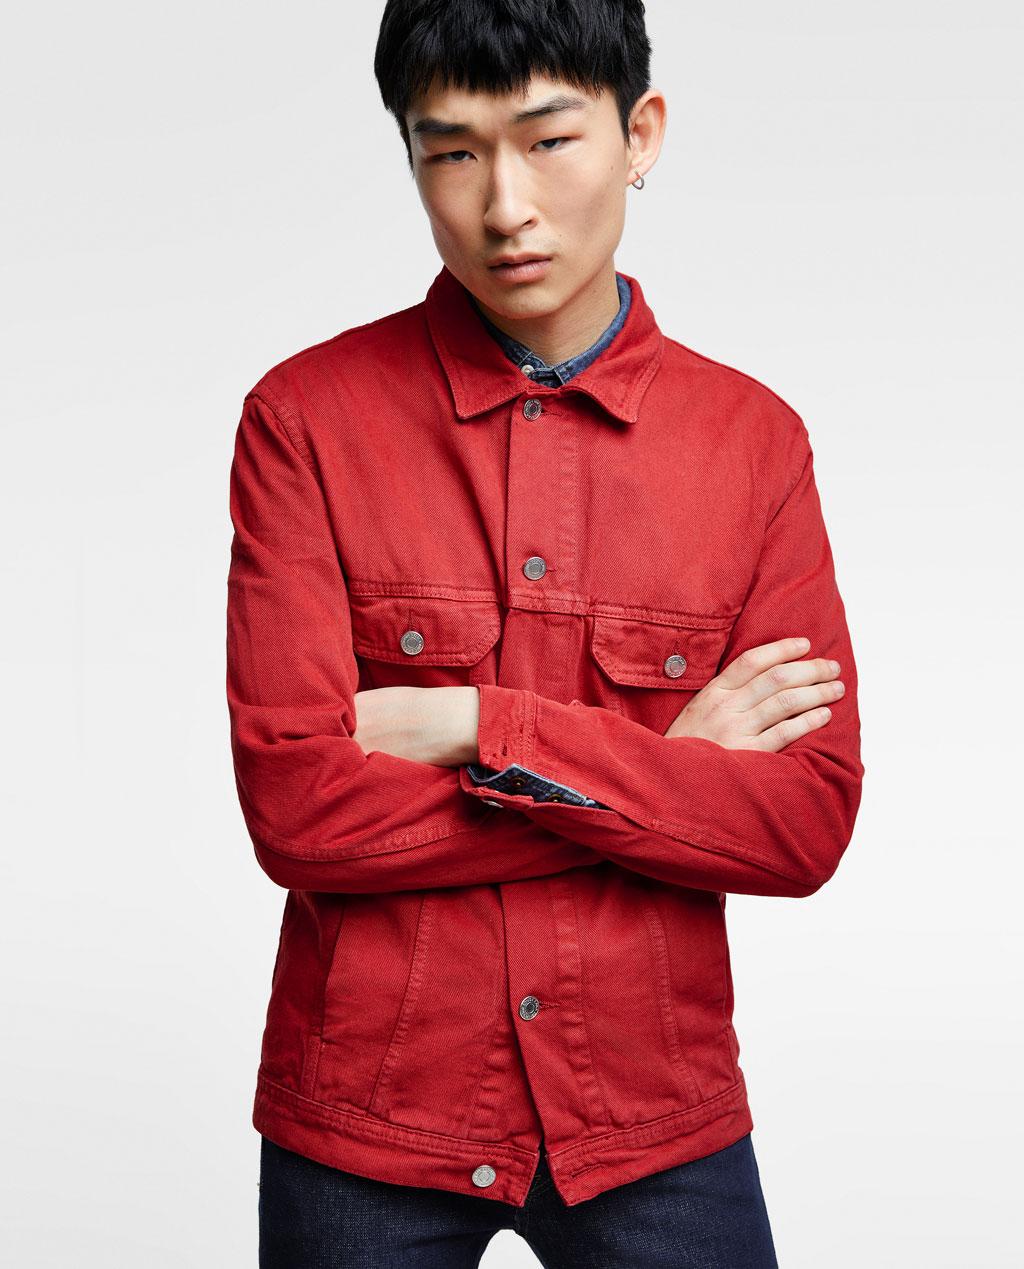 Thời trang nam Zara  23963 - ảnh 4